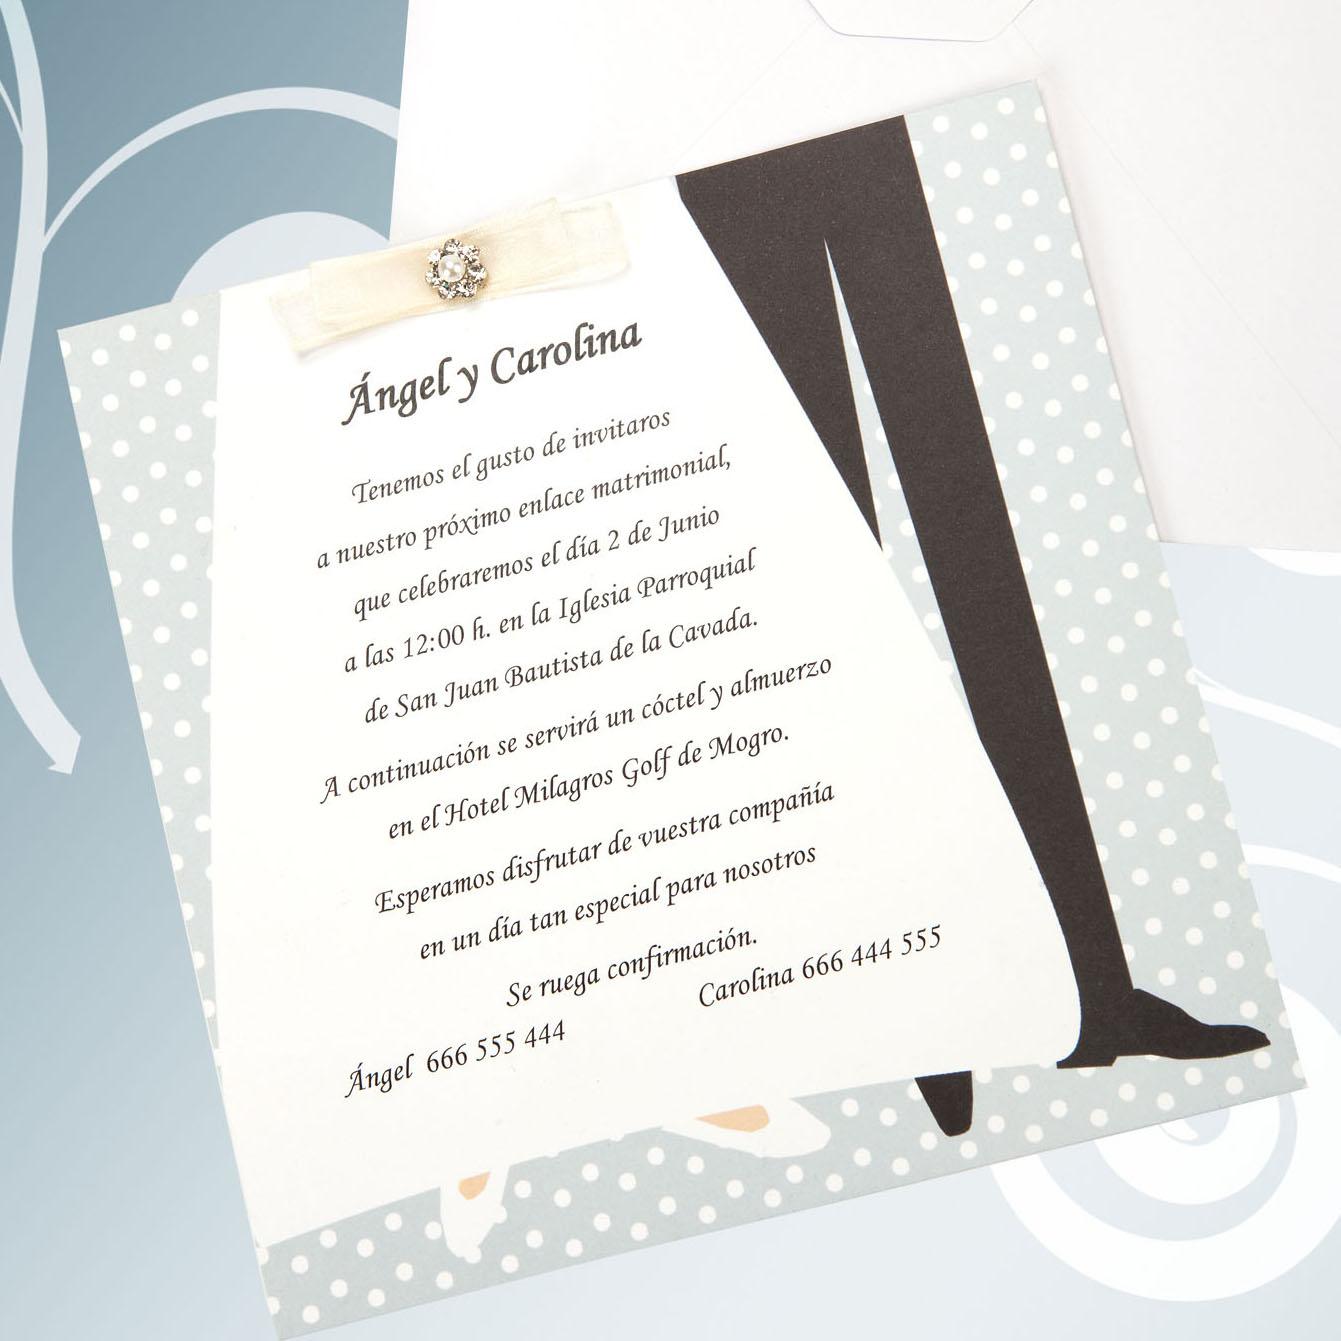 Invitaci n de boda n 129 impresi n incluida for Que poner en los banos de una boda